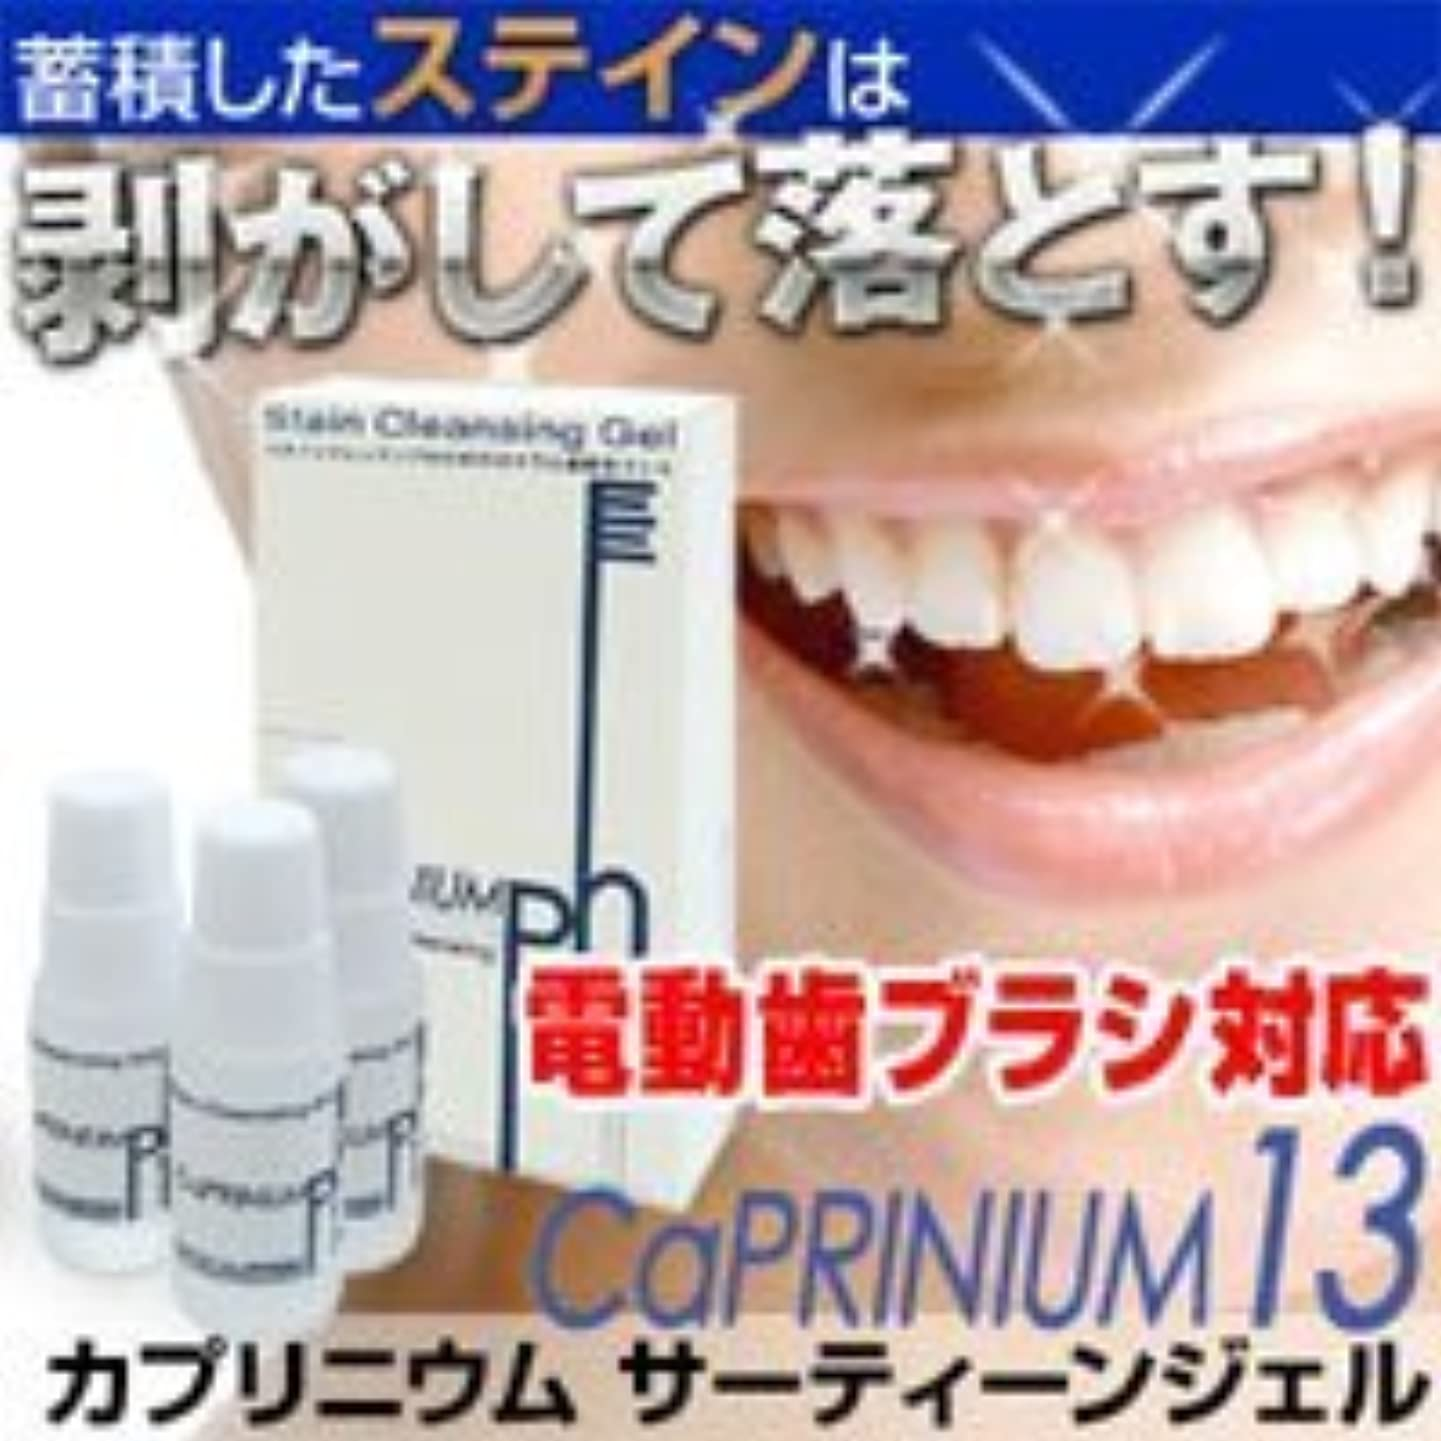 開拓者アマチュア実験カプリジェル(カプリニウムサーティーンジェル)10g×3個(1か月分) 電動歯ブラシ対応歯磨きジェル